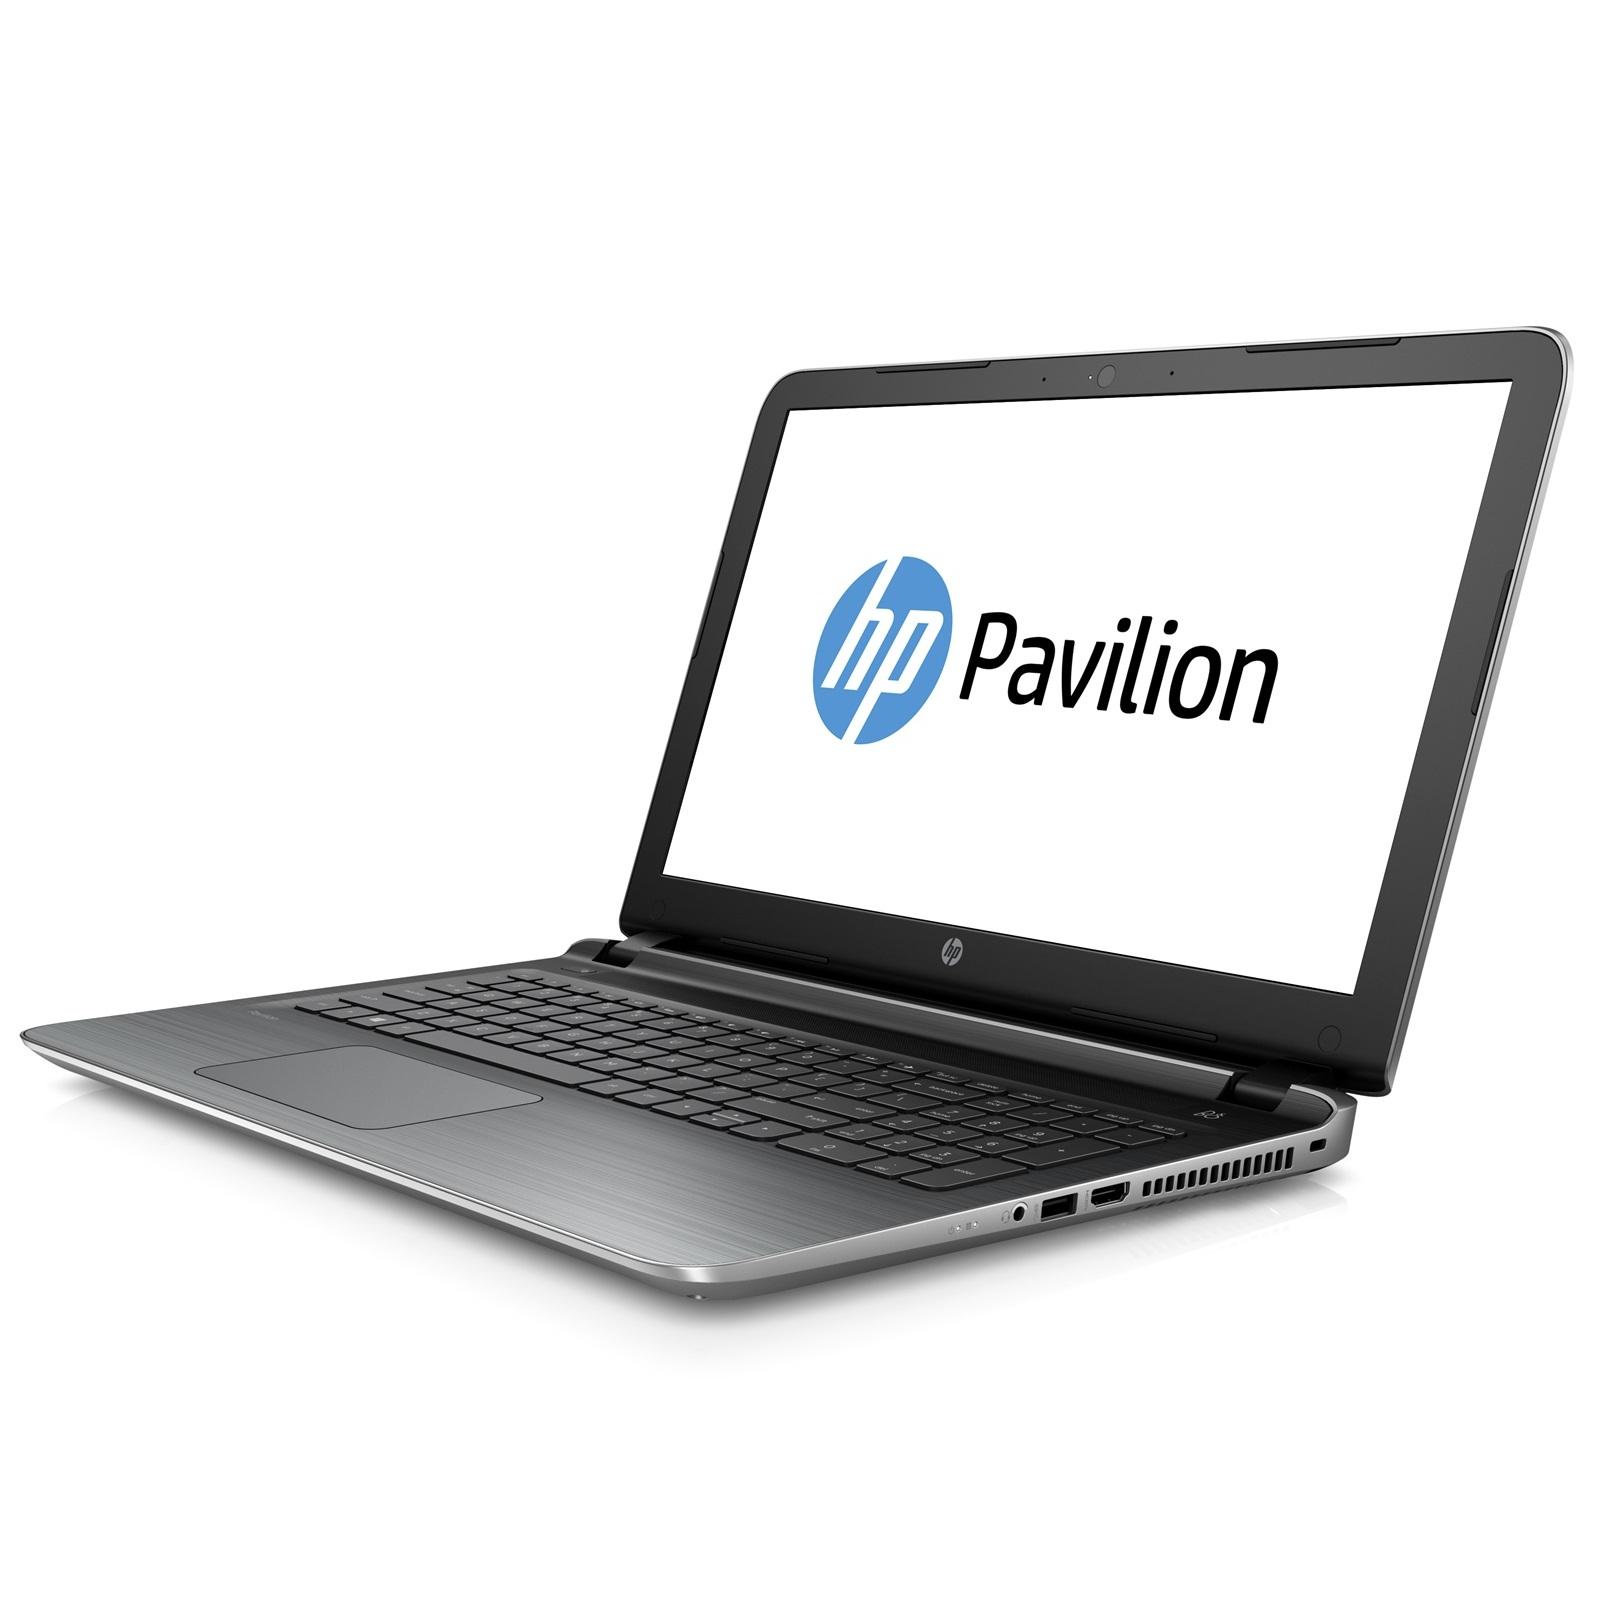 Laptop HP Core i5 Pavilion 15 ab221TU P3V33PA (Silver)